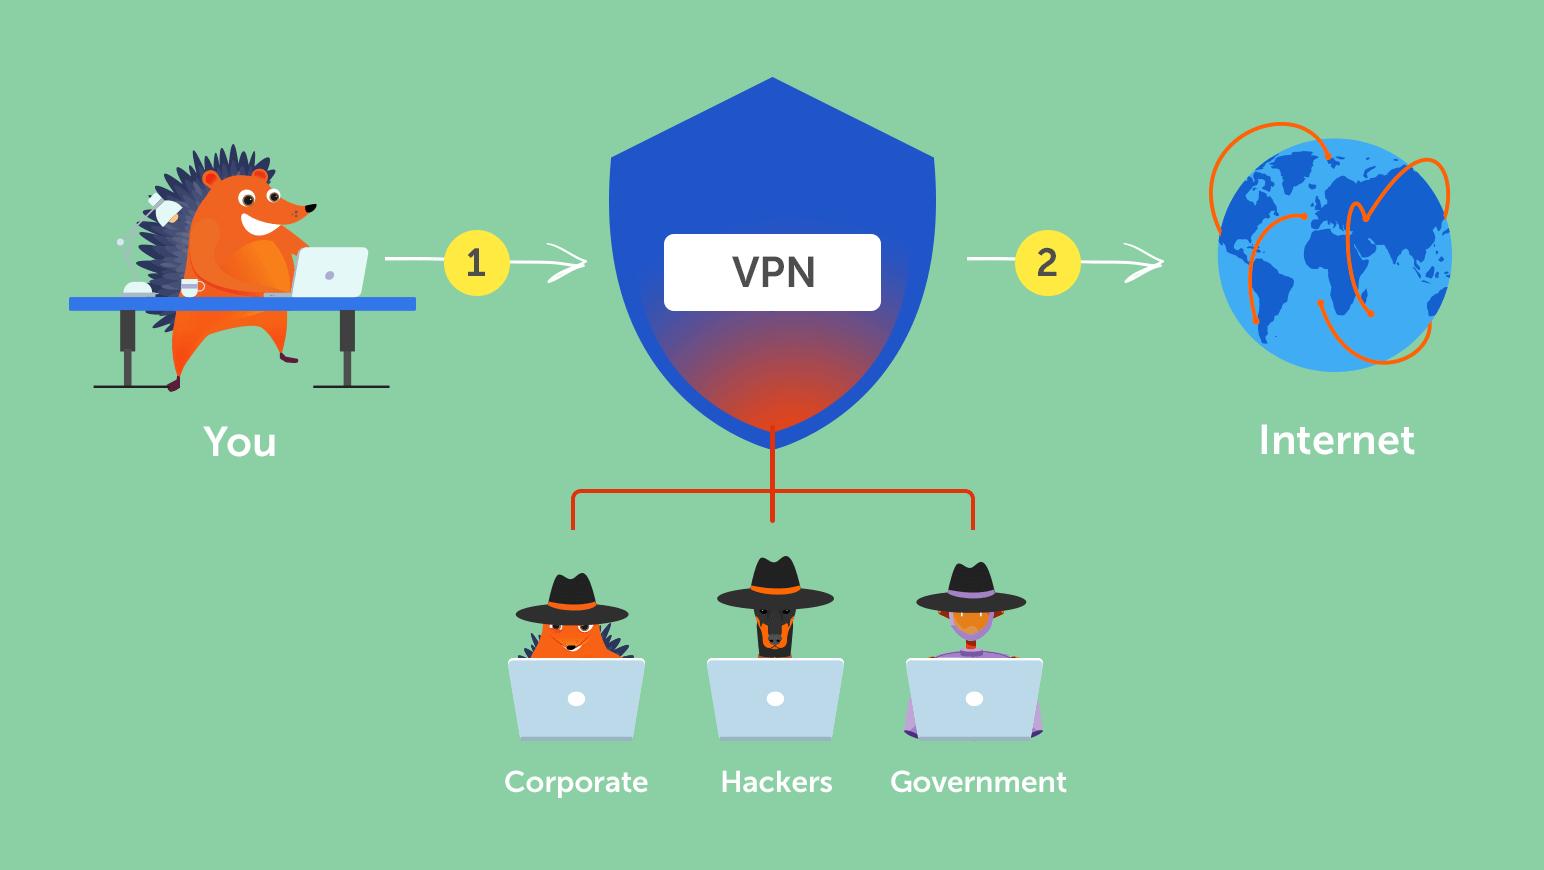 Security mechanisms of VPN